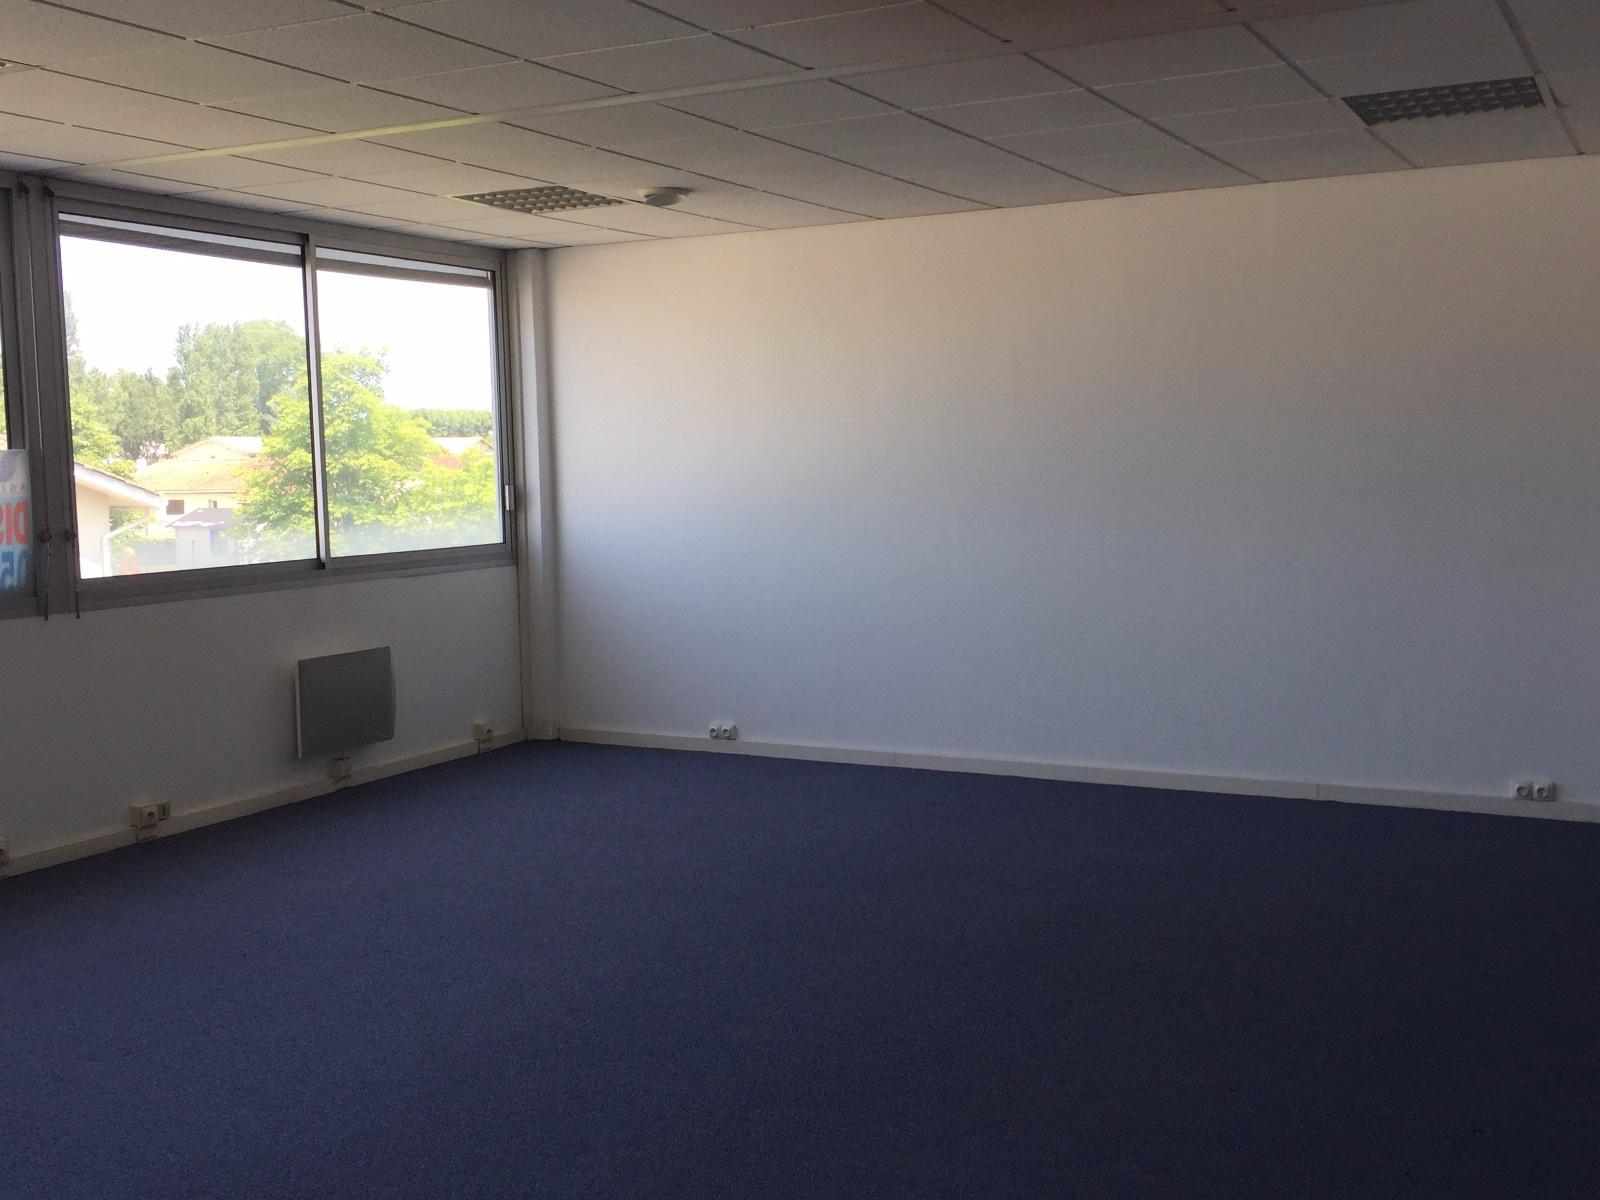 Location Immobilier Professionnel Bureaux Villenave-d'Ornon (33140)